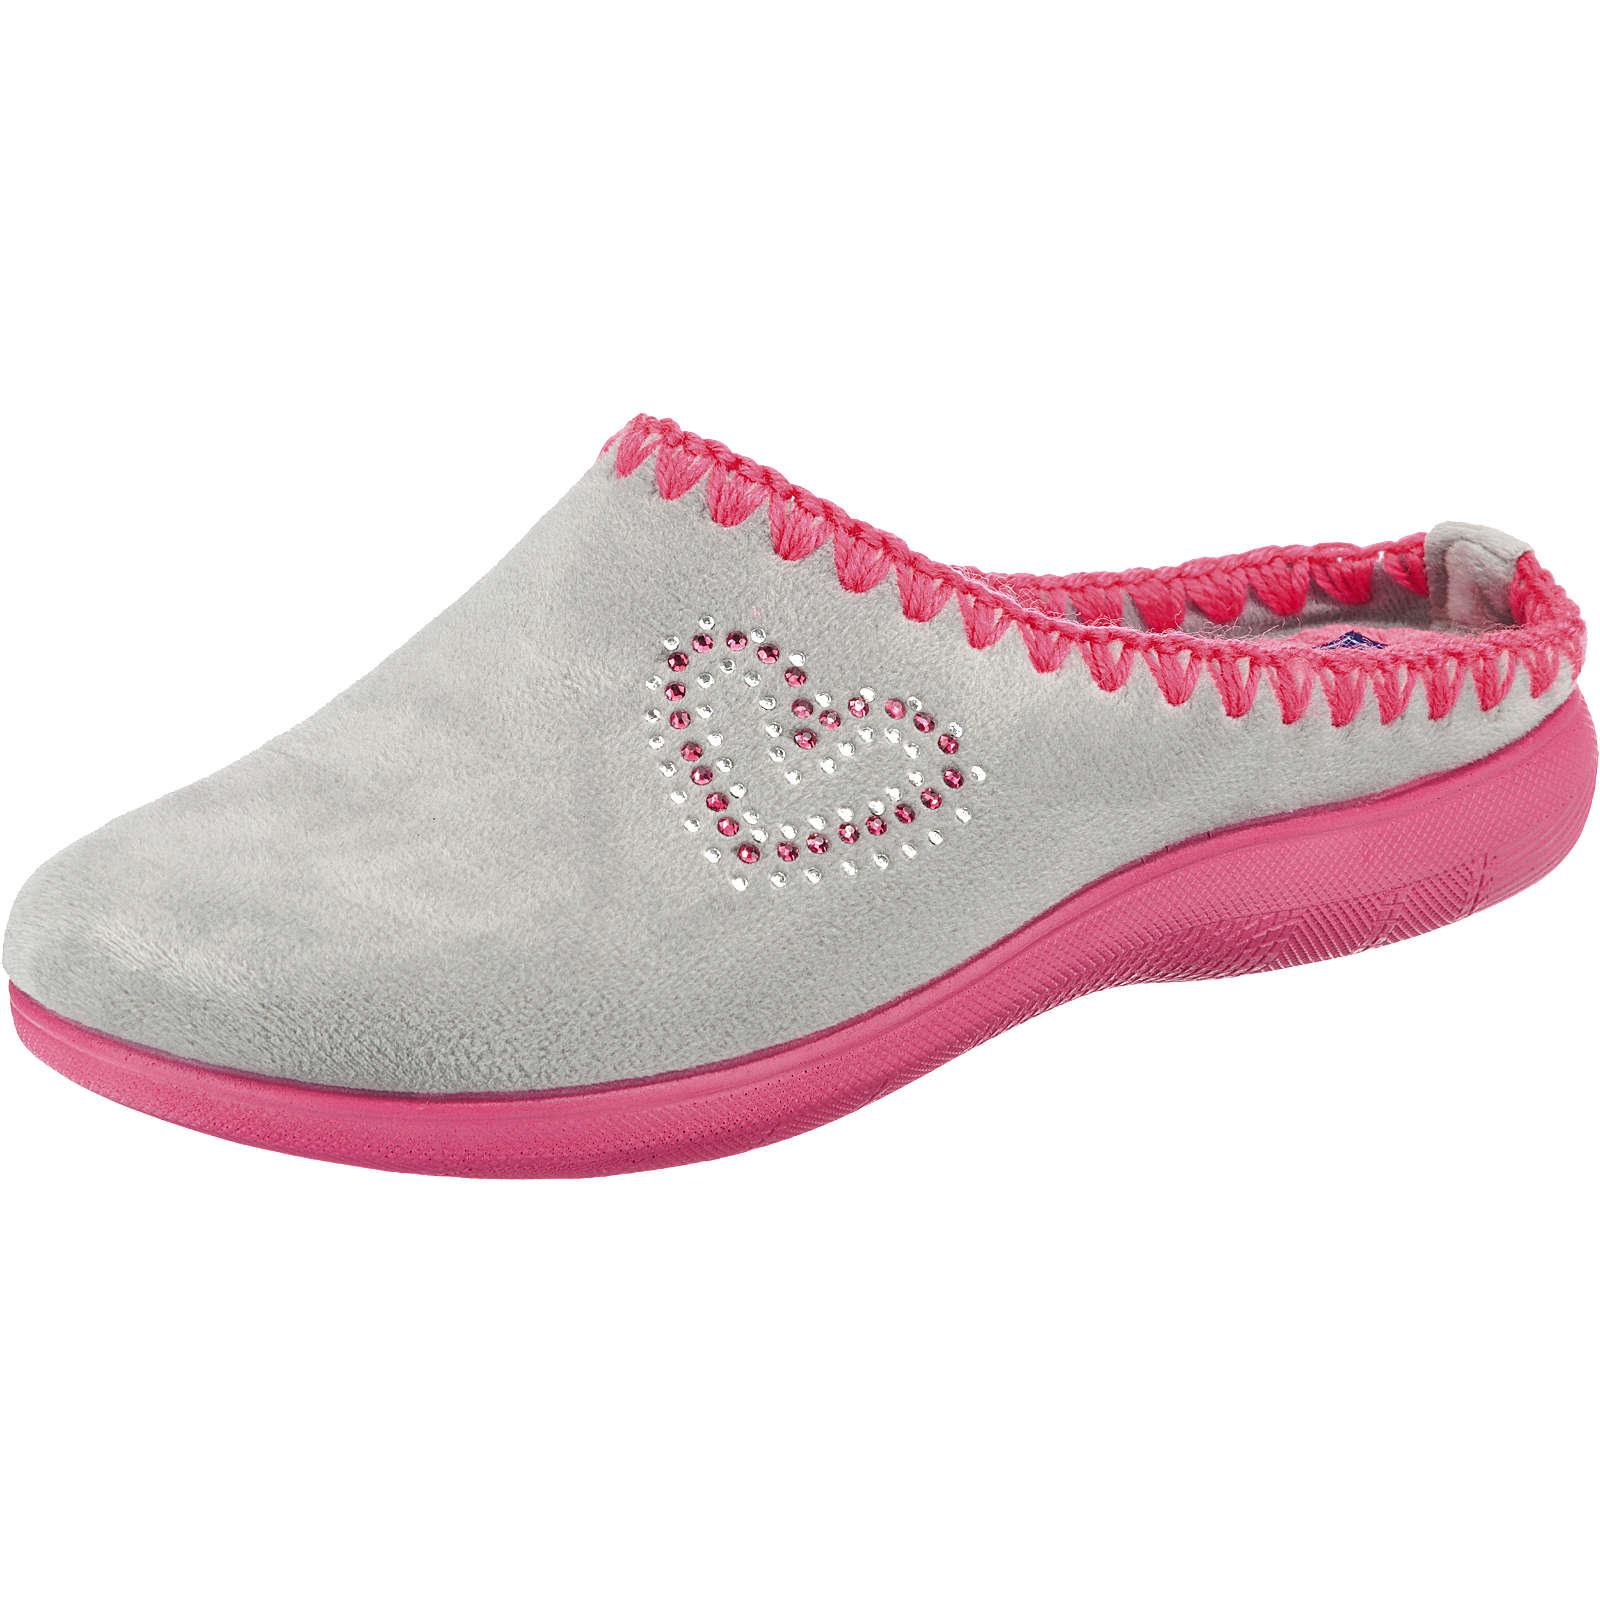 INBLU Pantoffeln grau Damen Gr. 37